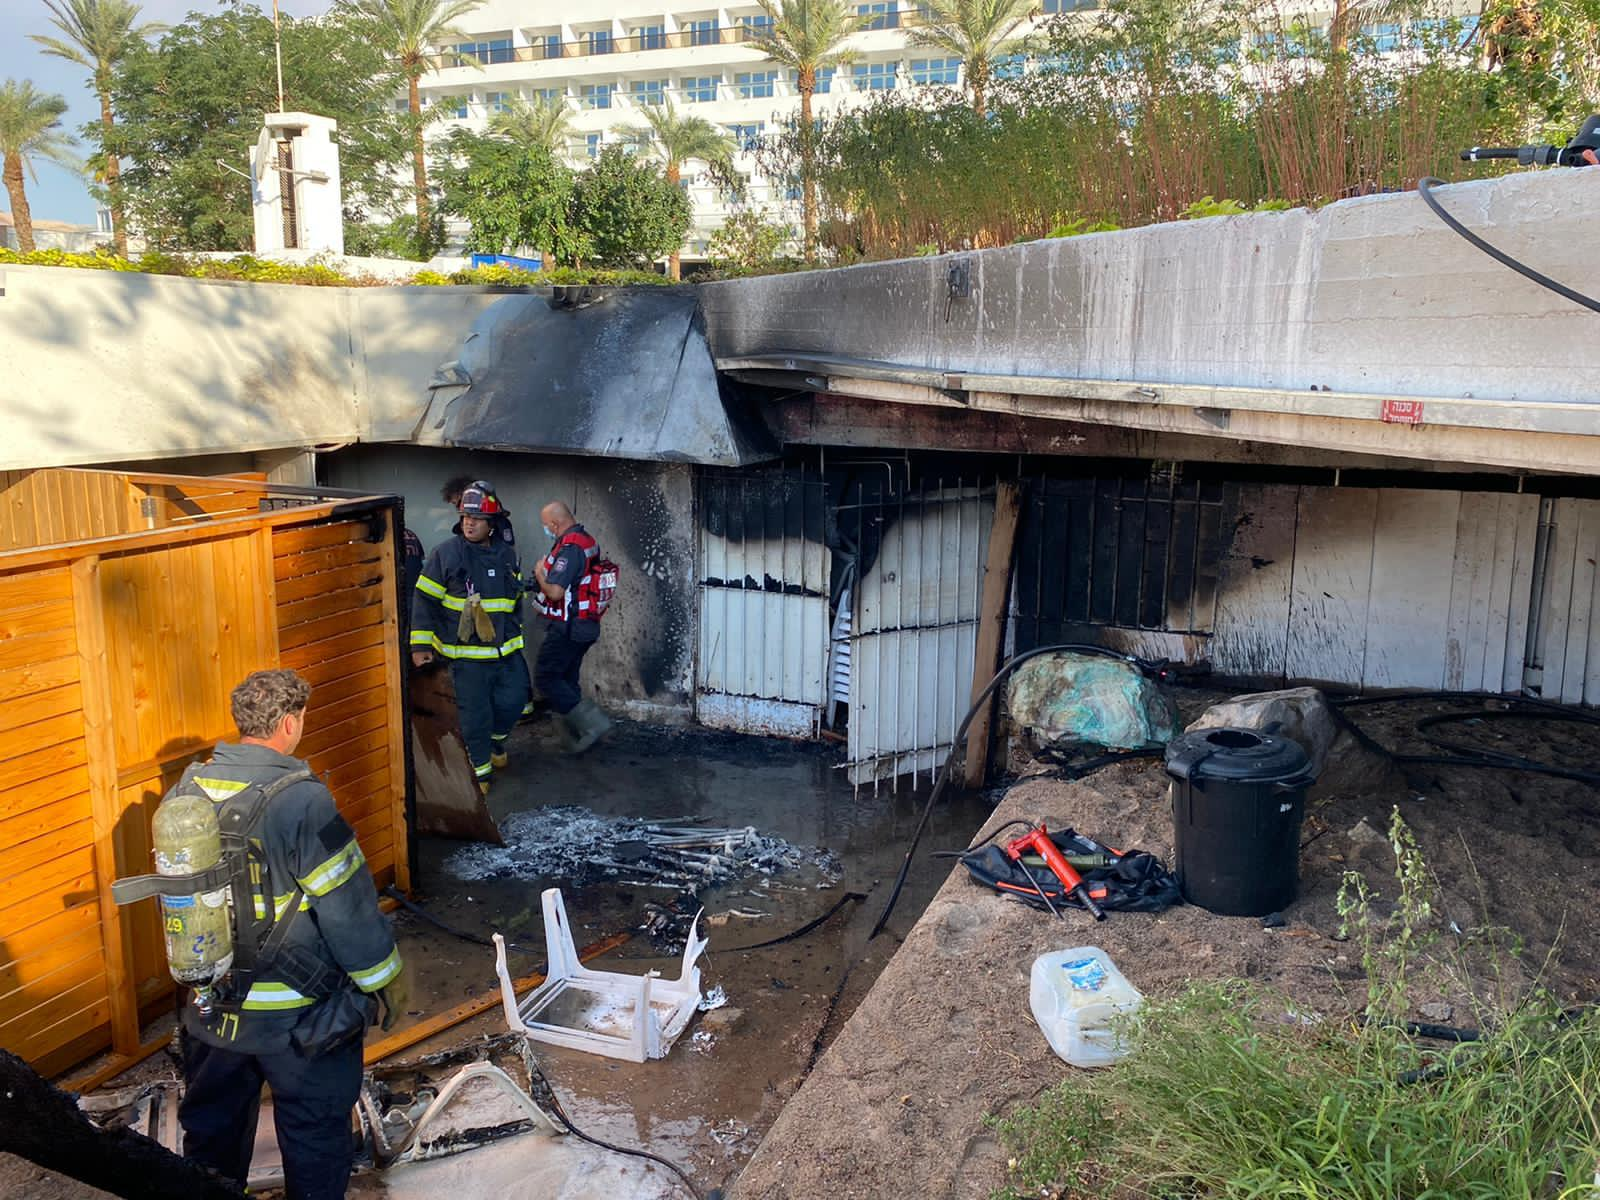 שריפה במחסן בטיילת העיר אילת